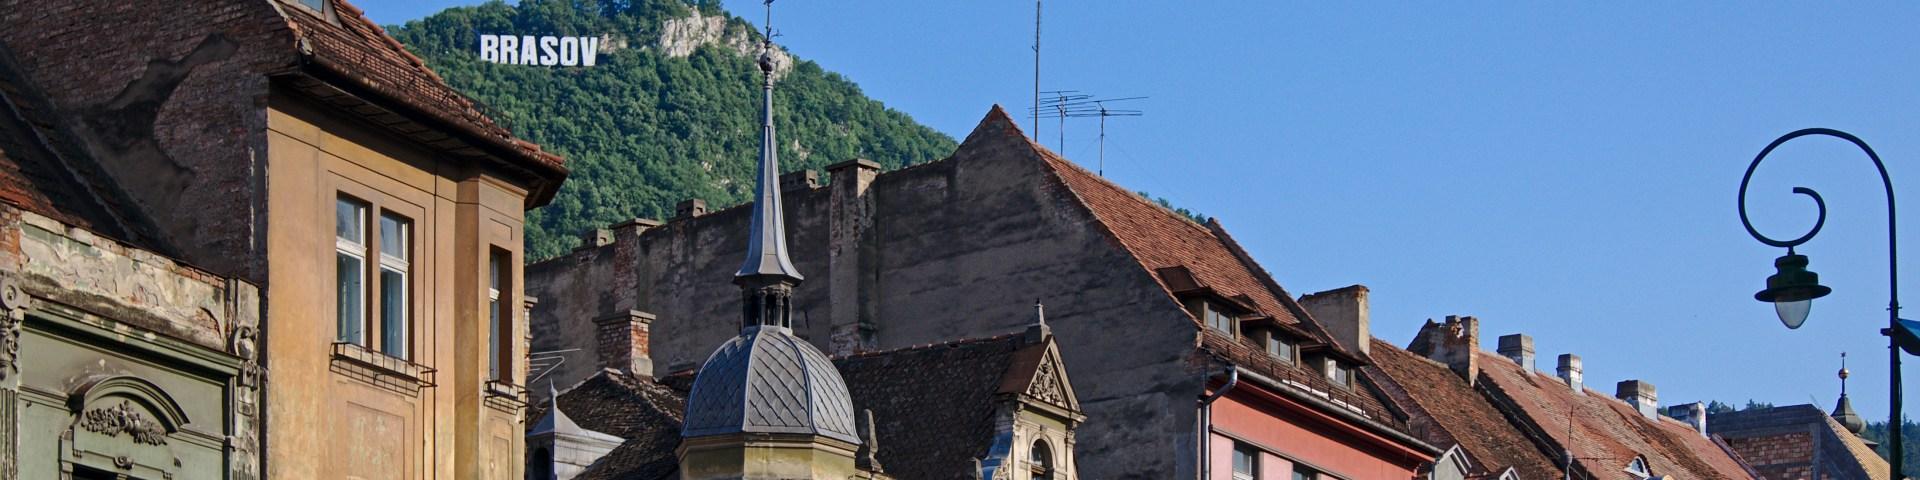 Brasov, Altstadt interRailtour